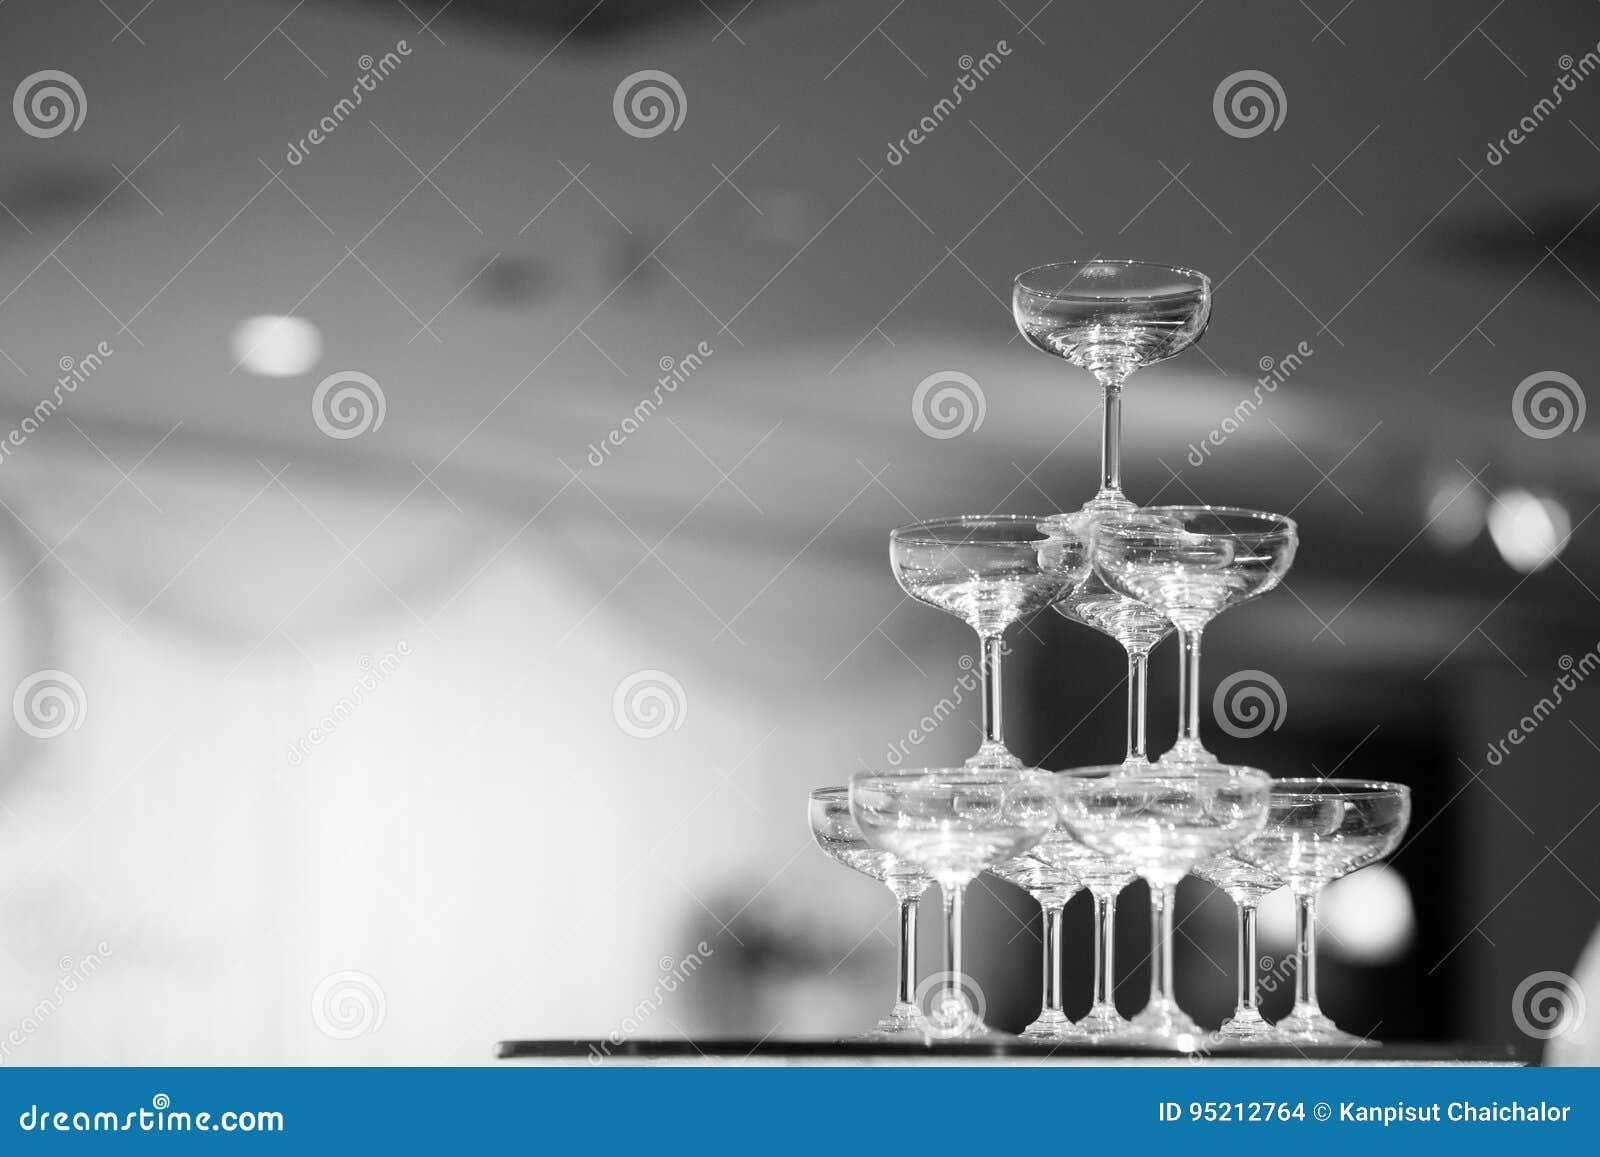 Черно-белая пирамида стекла Шампани пирамида стекел вина,